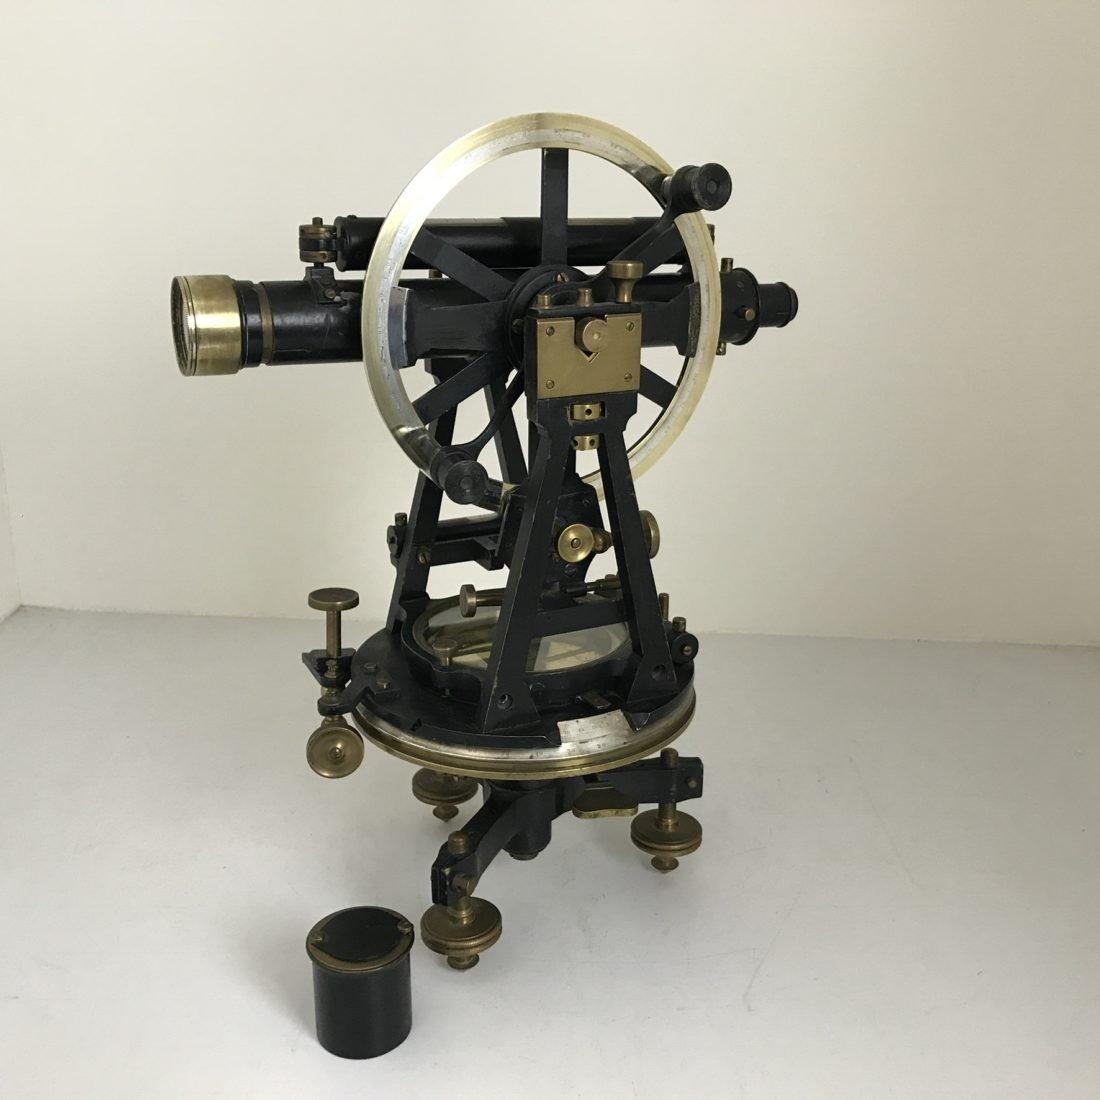 Messing theodoliet instrument, Aston & Mander, eind 19e eeuw, Londen